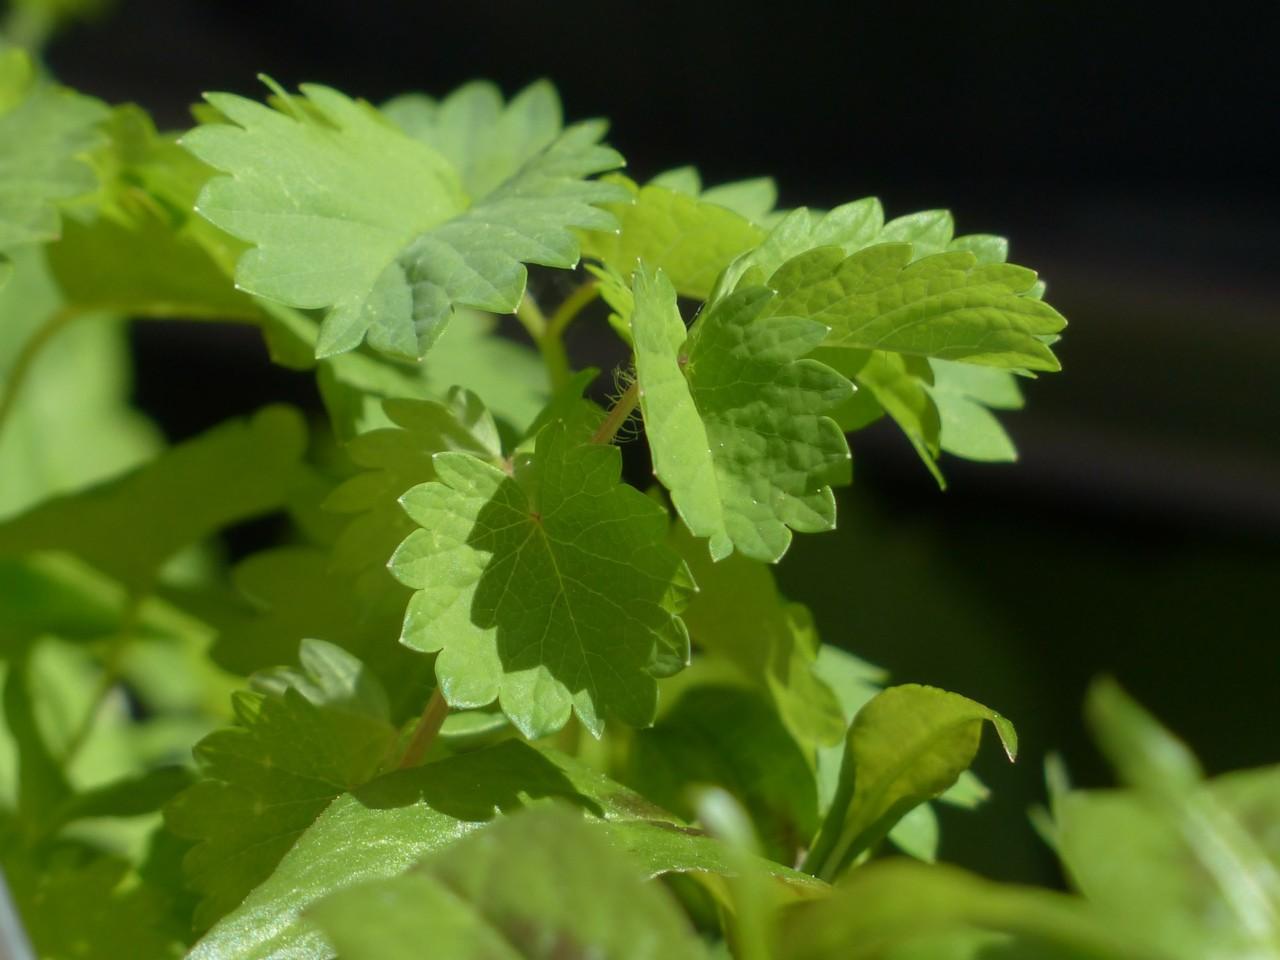 Der Wiesenknopf, auch Pimpinelle gennant, schmeckt leicht nach Gurken. Foto: Pixabay